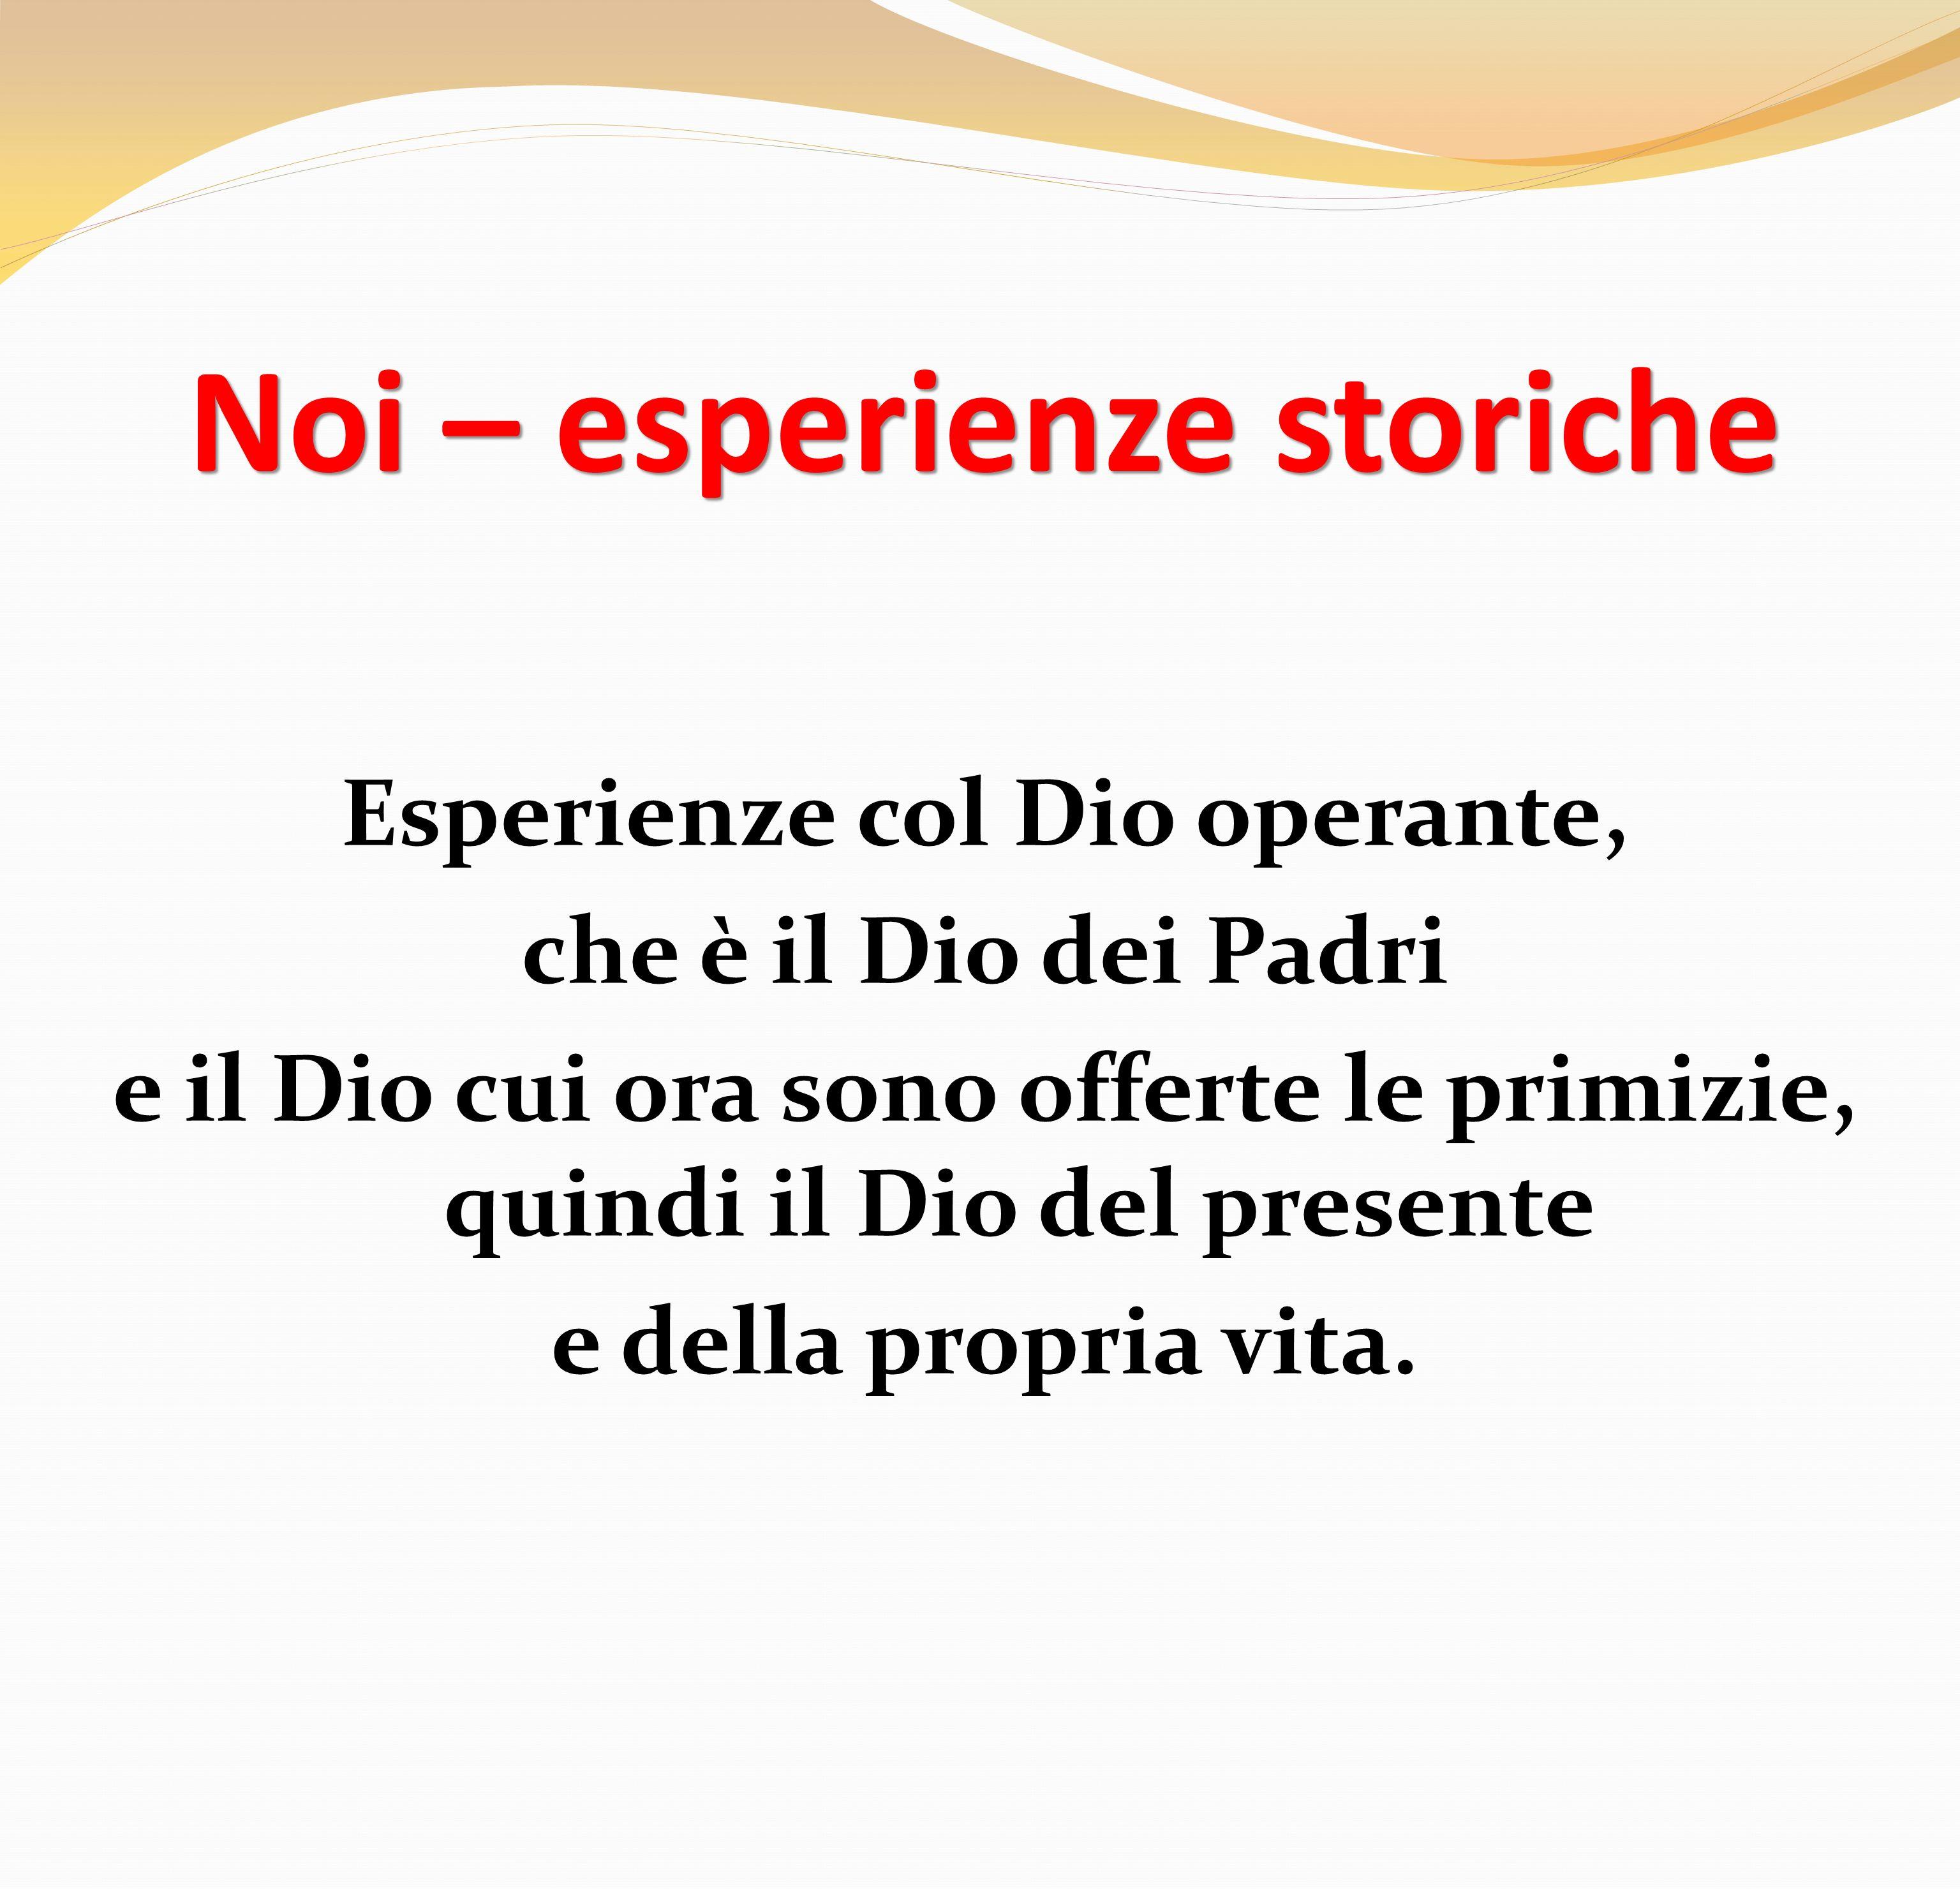 Noi – esperienze storiche Esperienze col Dio operante, che è il Dio dei Padri e il Dio cui ora sono offerte le primizie, quindi il Dio del presente e